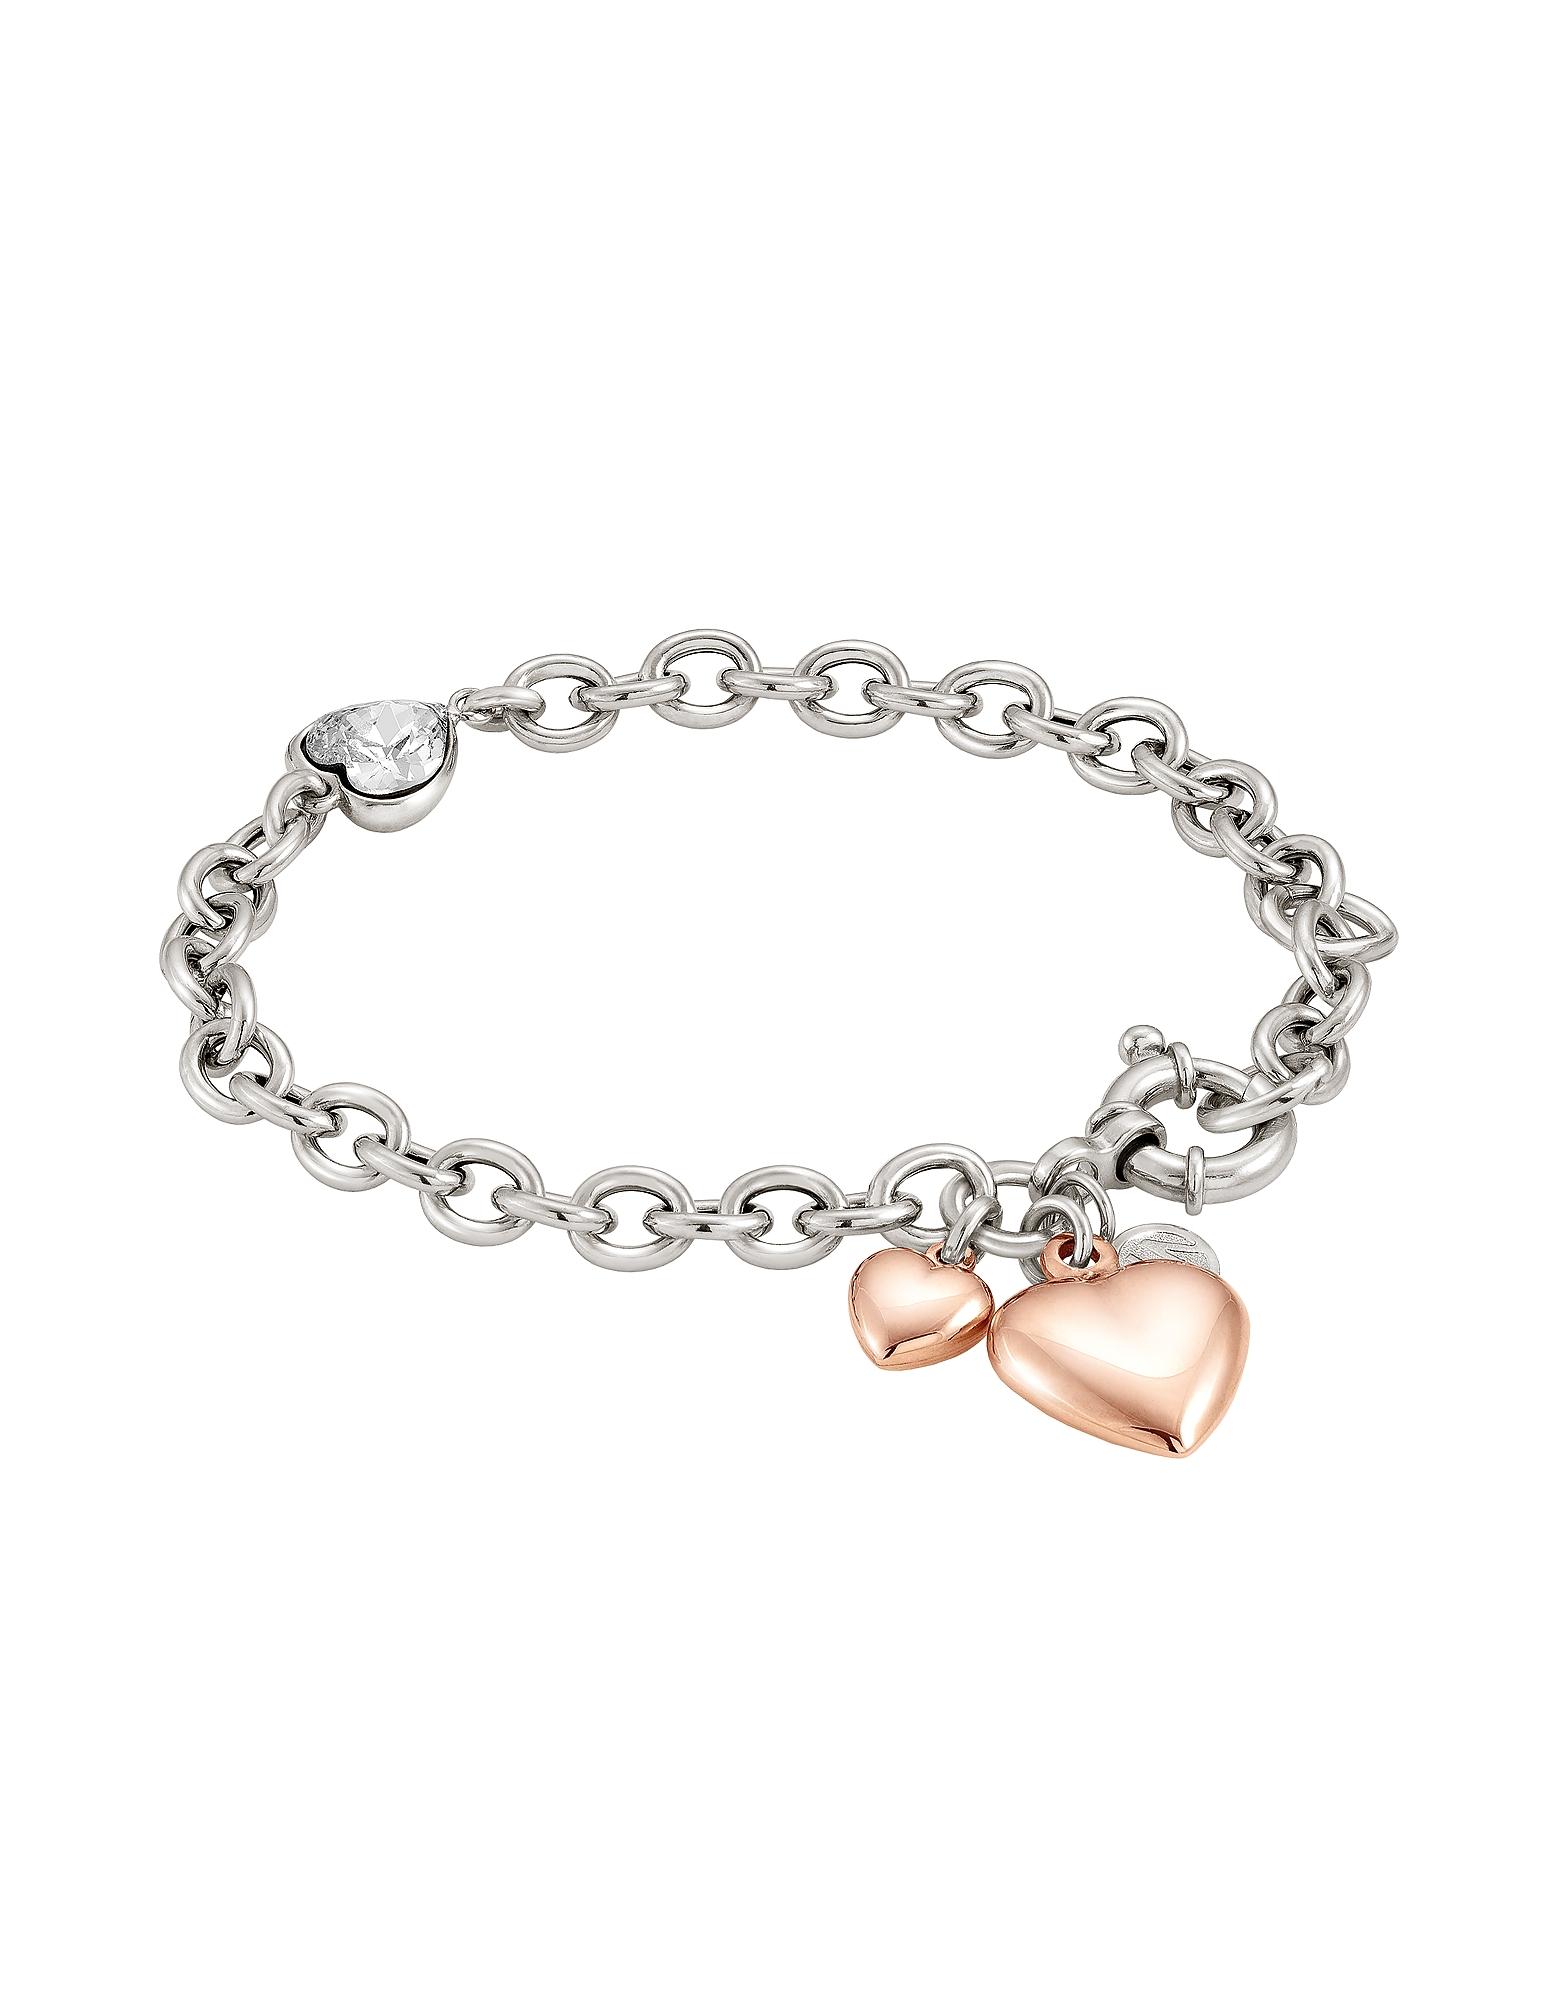 Nomination  Bracelets Rock in Love Heart Bracelet w/Cubic Zirconia